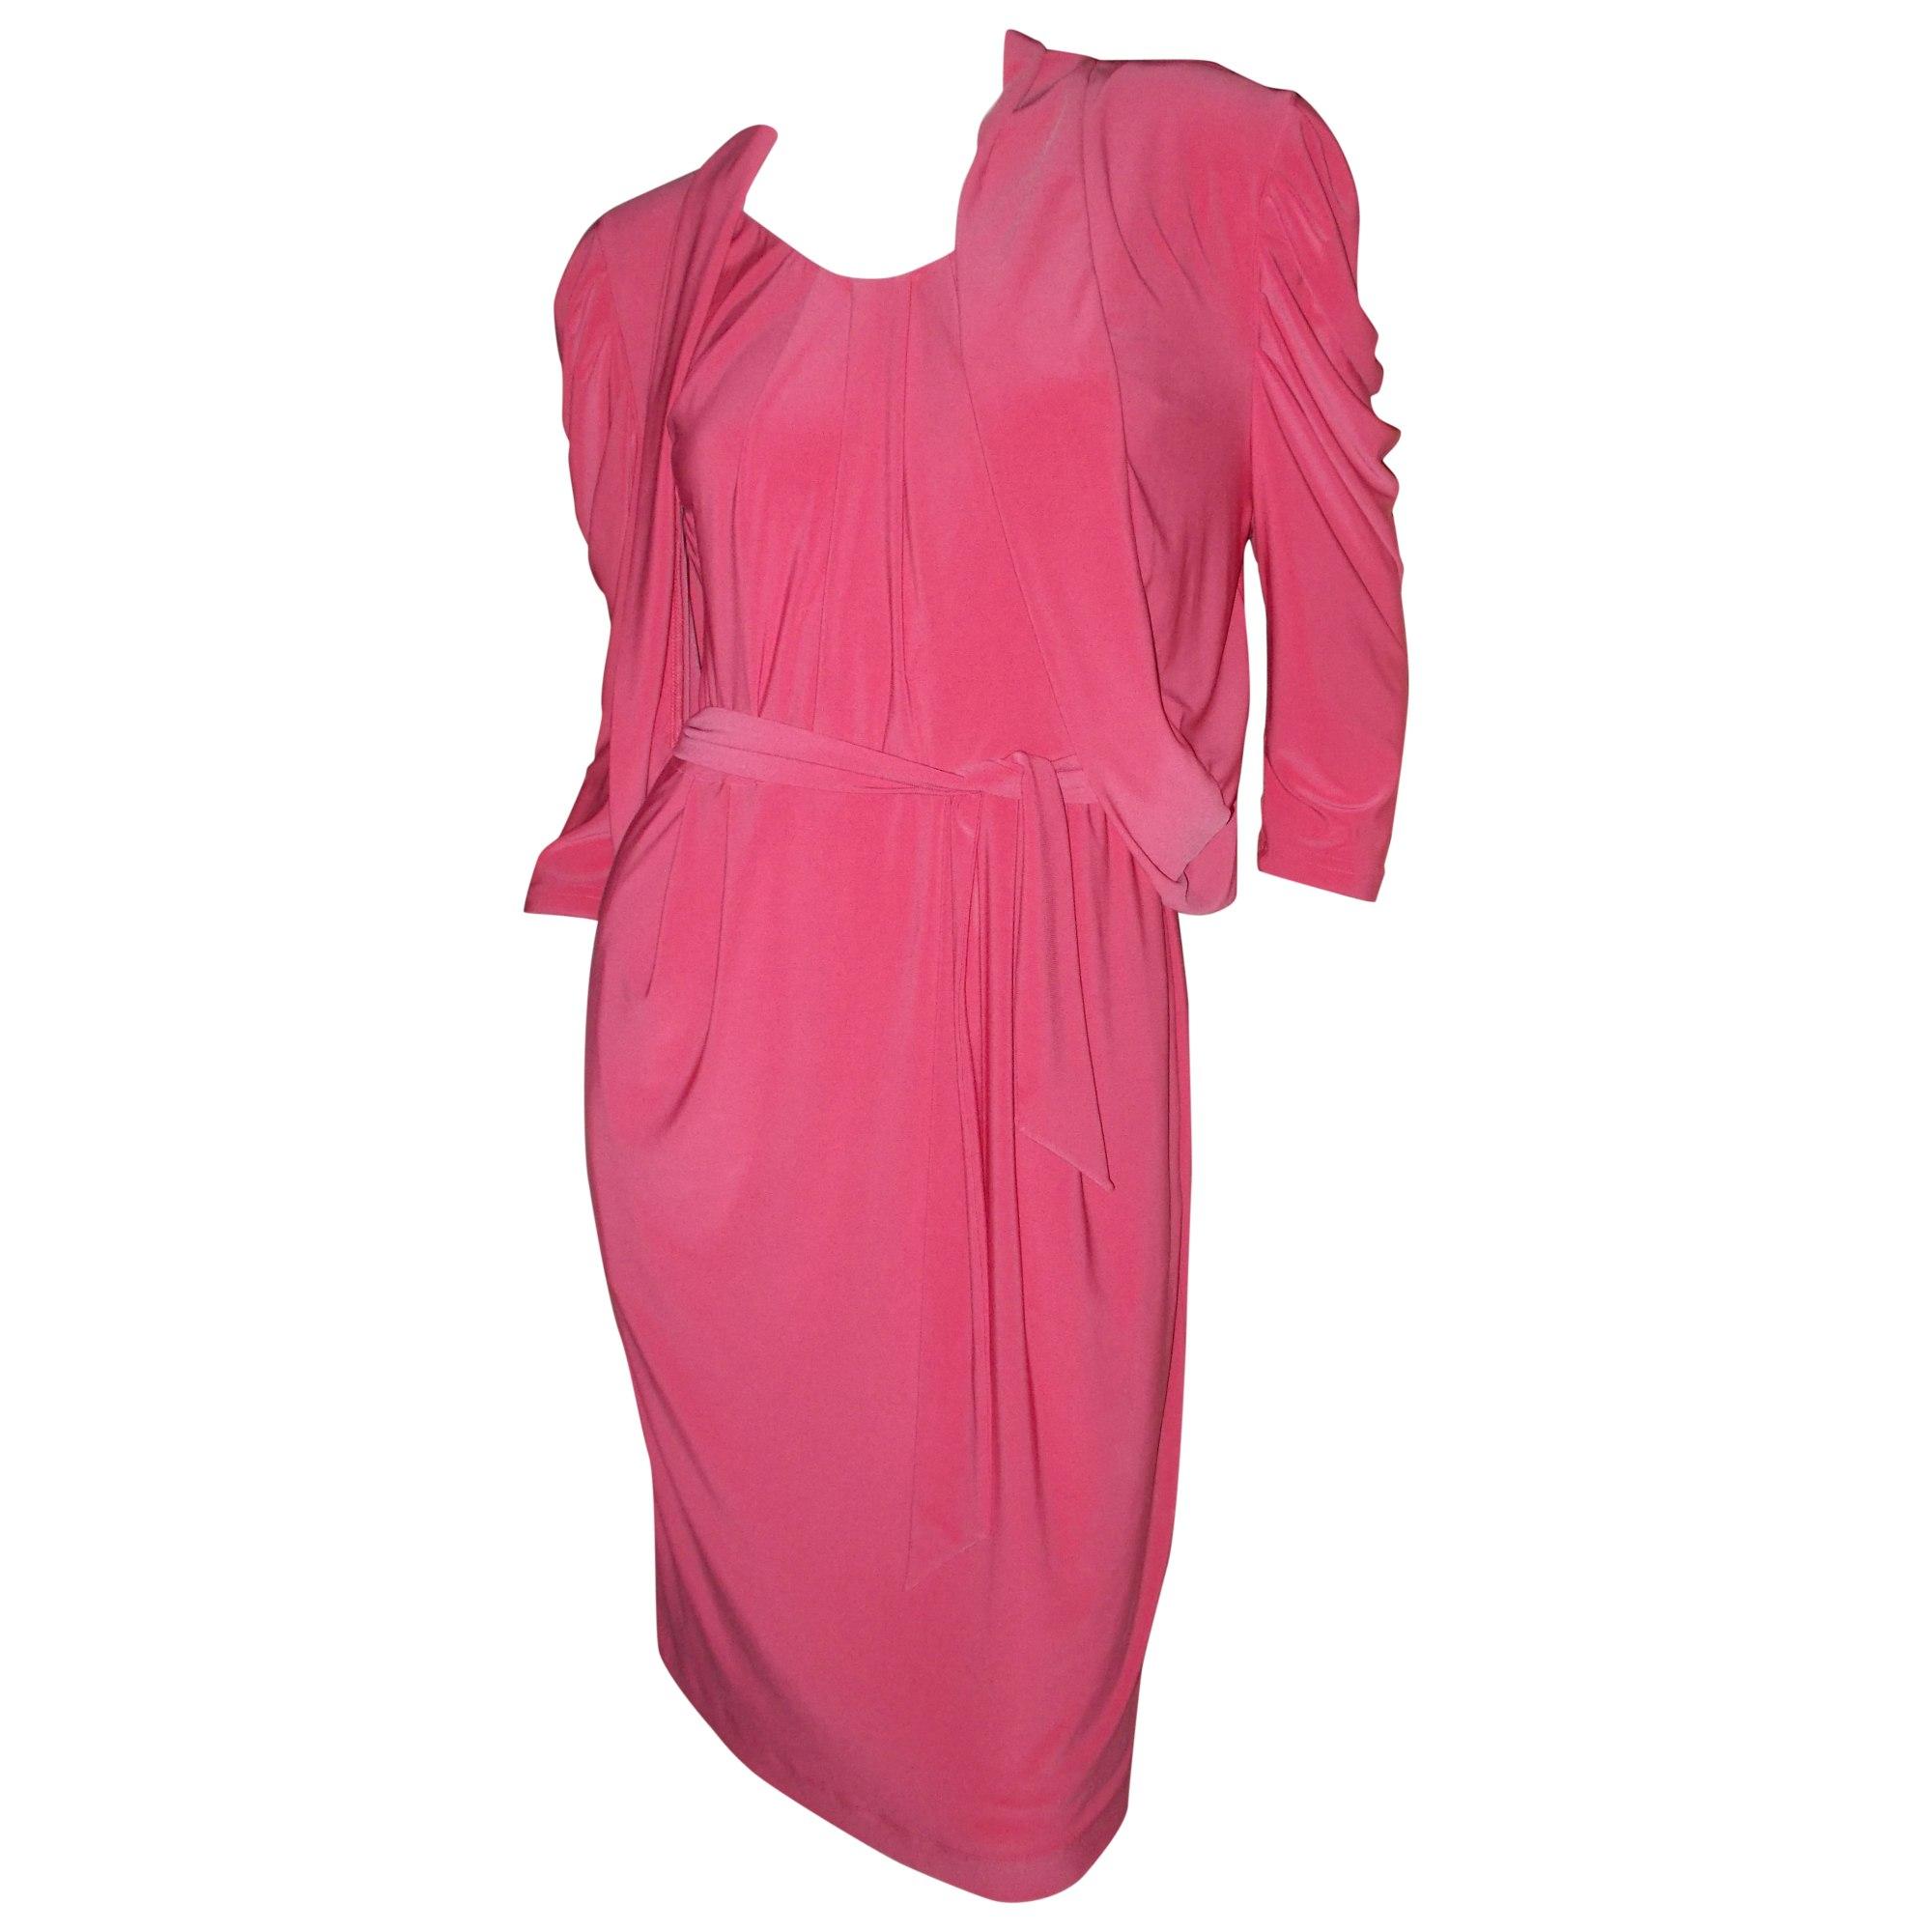 haut de gamme pas cher nouveau sélection acheter de nouveaux Tailleur robe